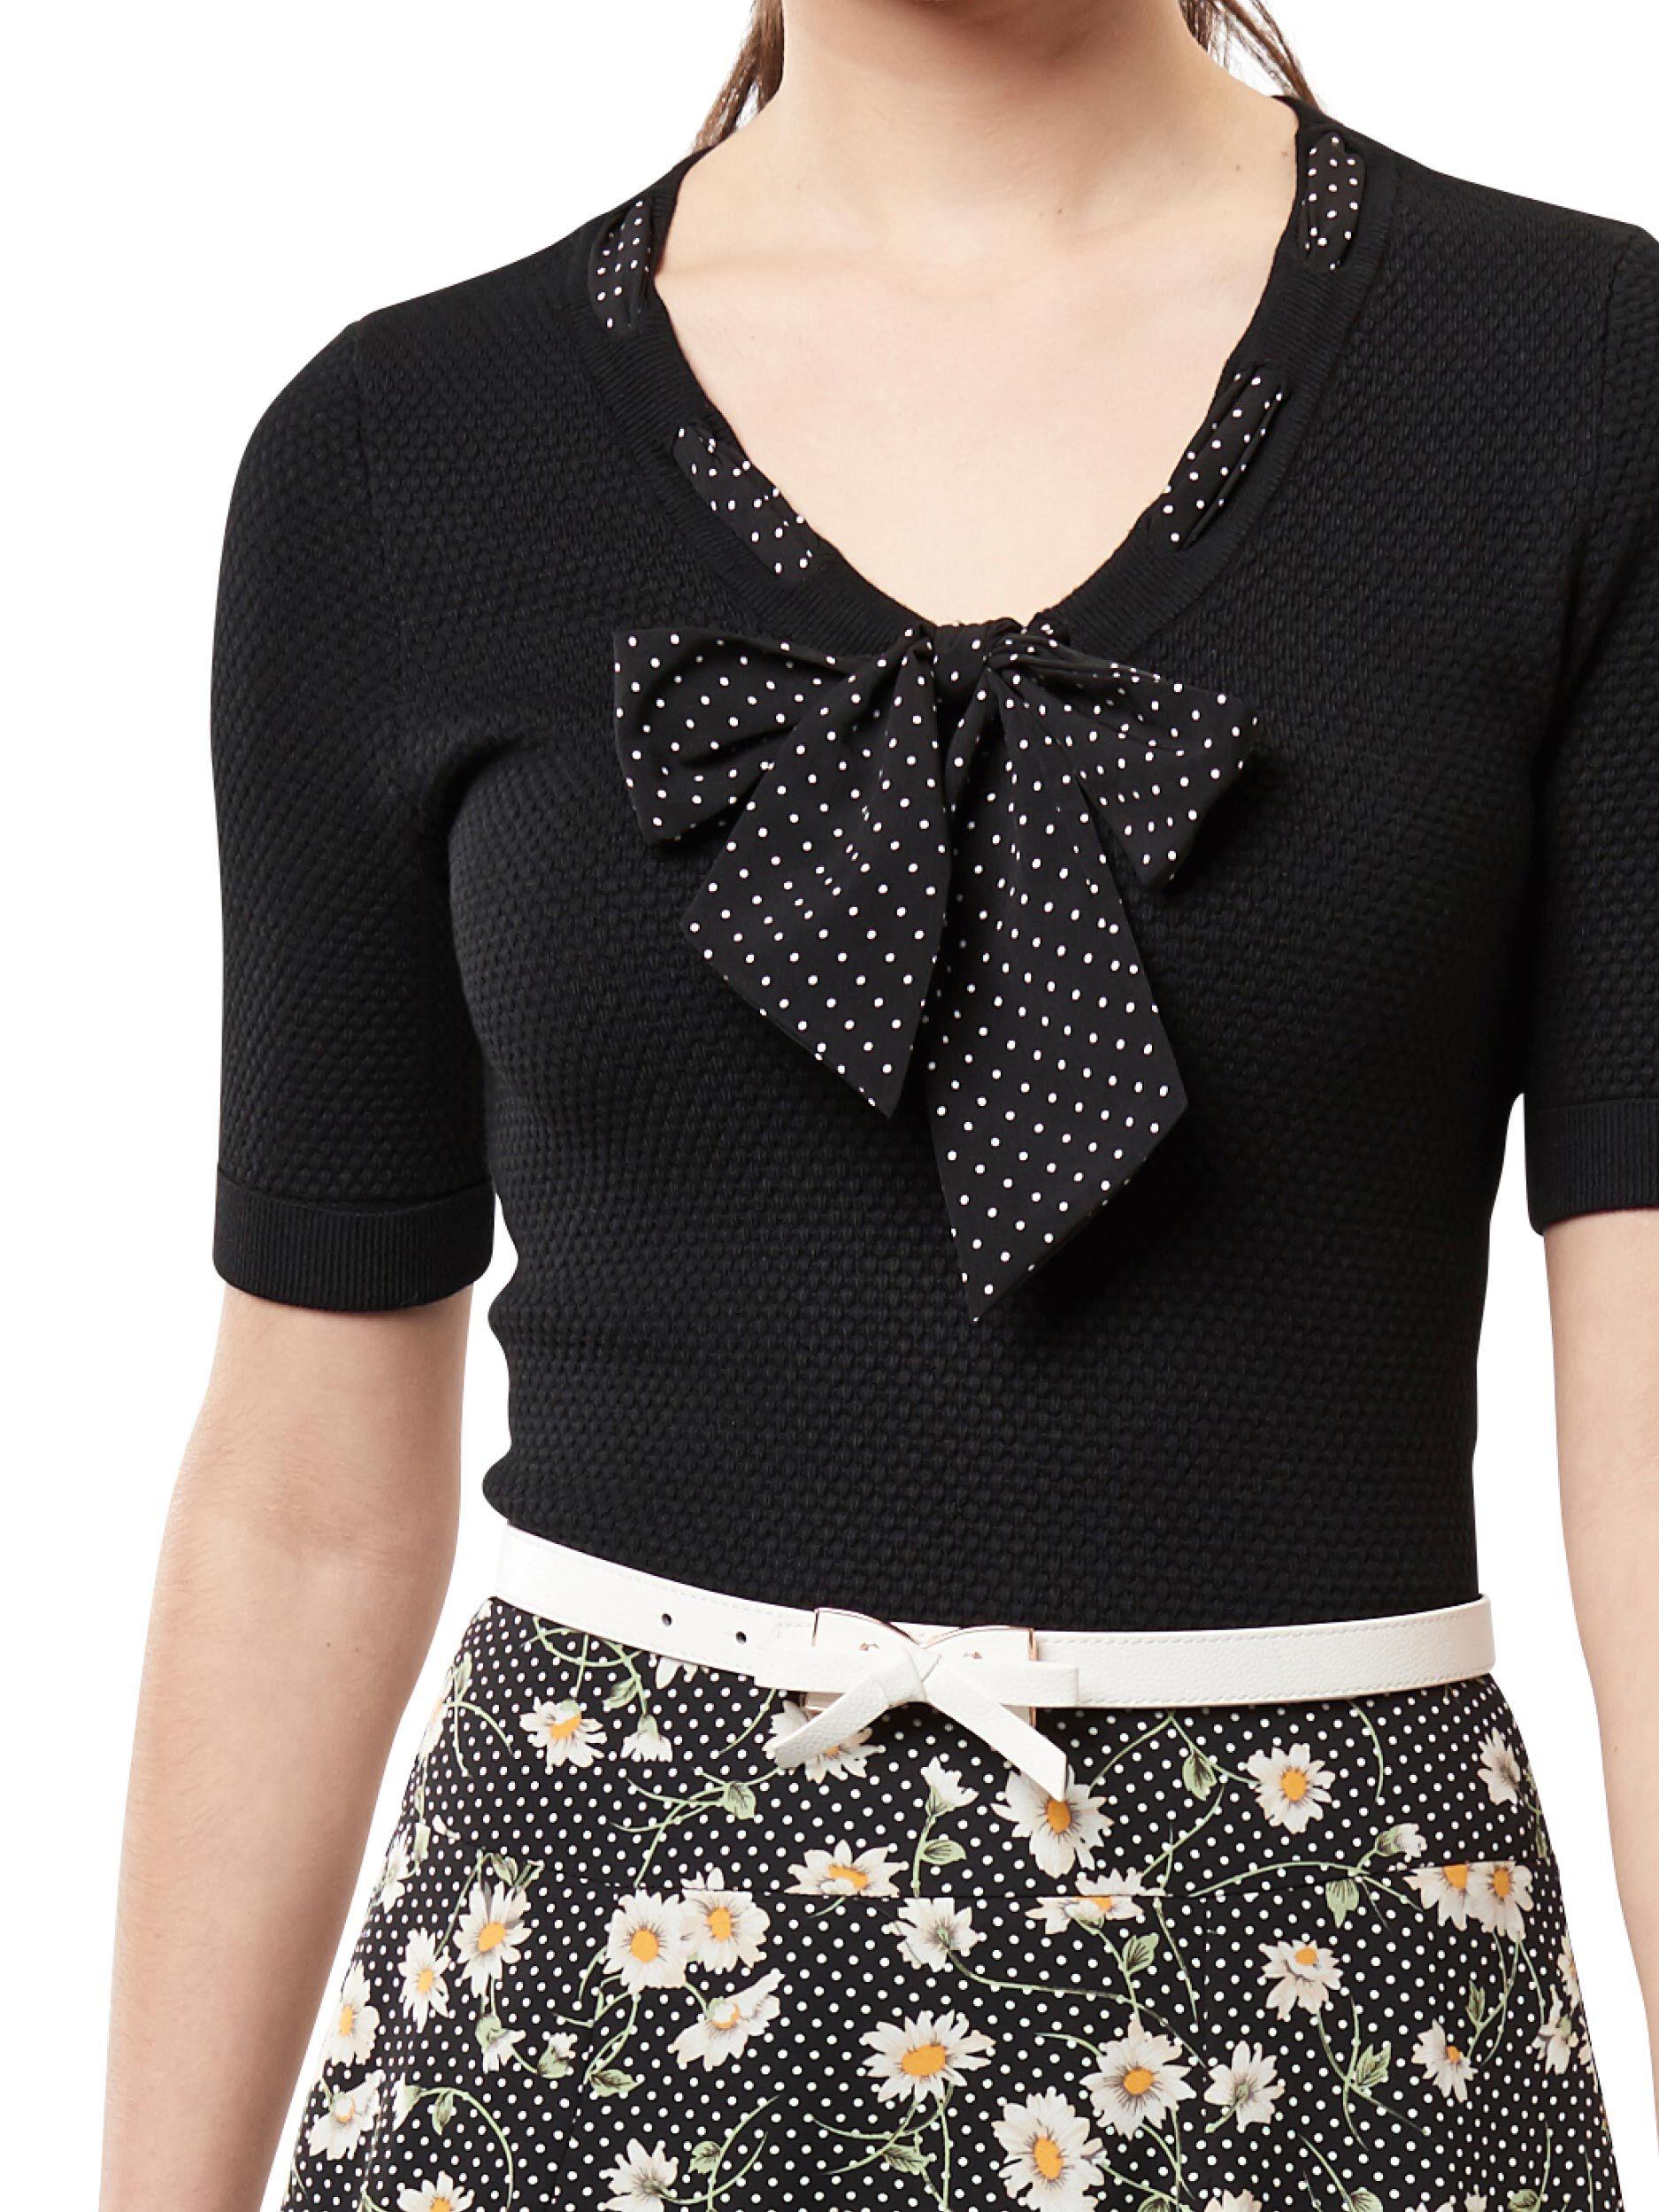 Lottie Knit Top